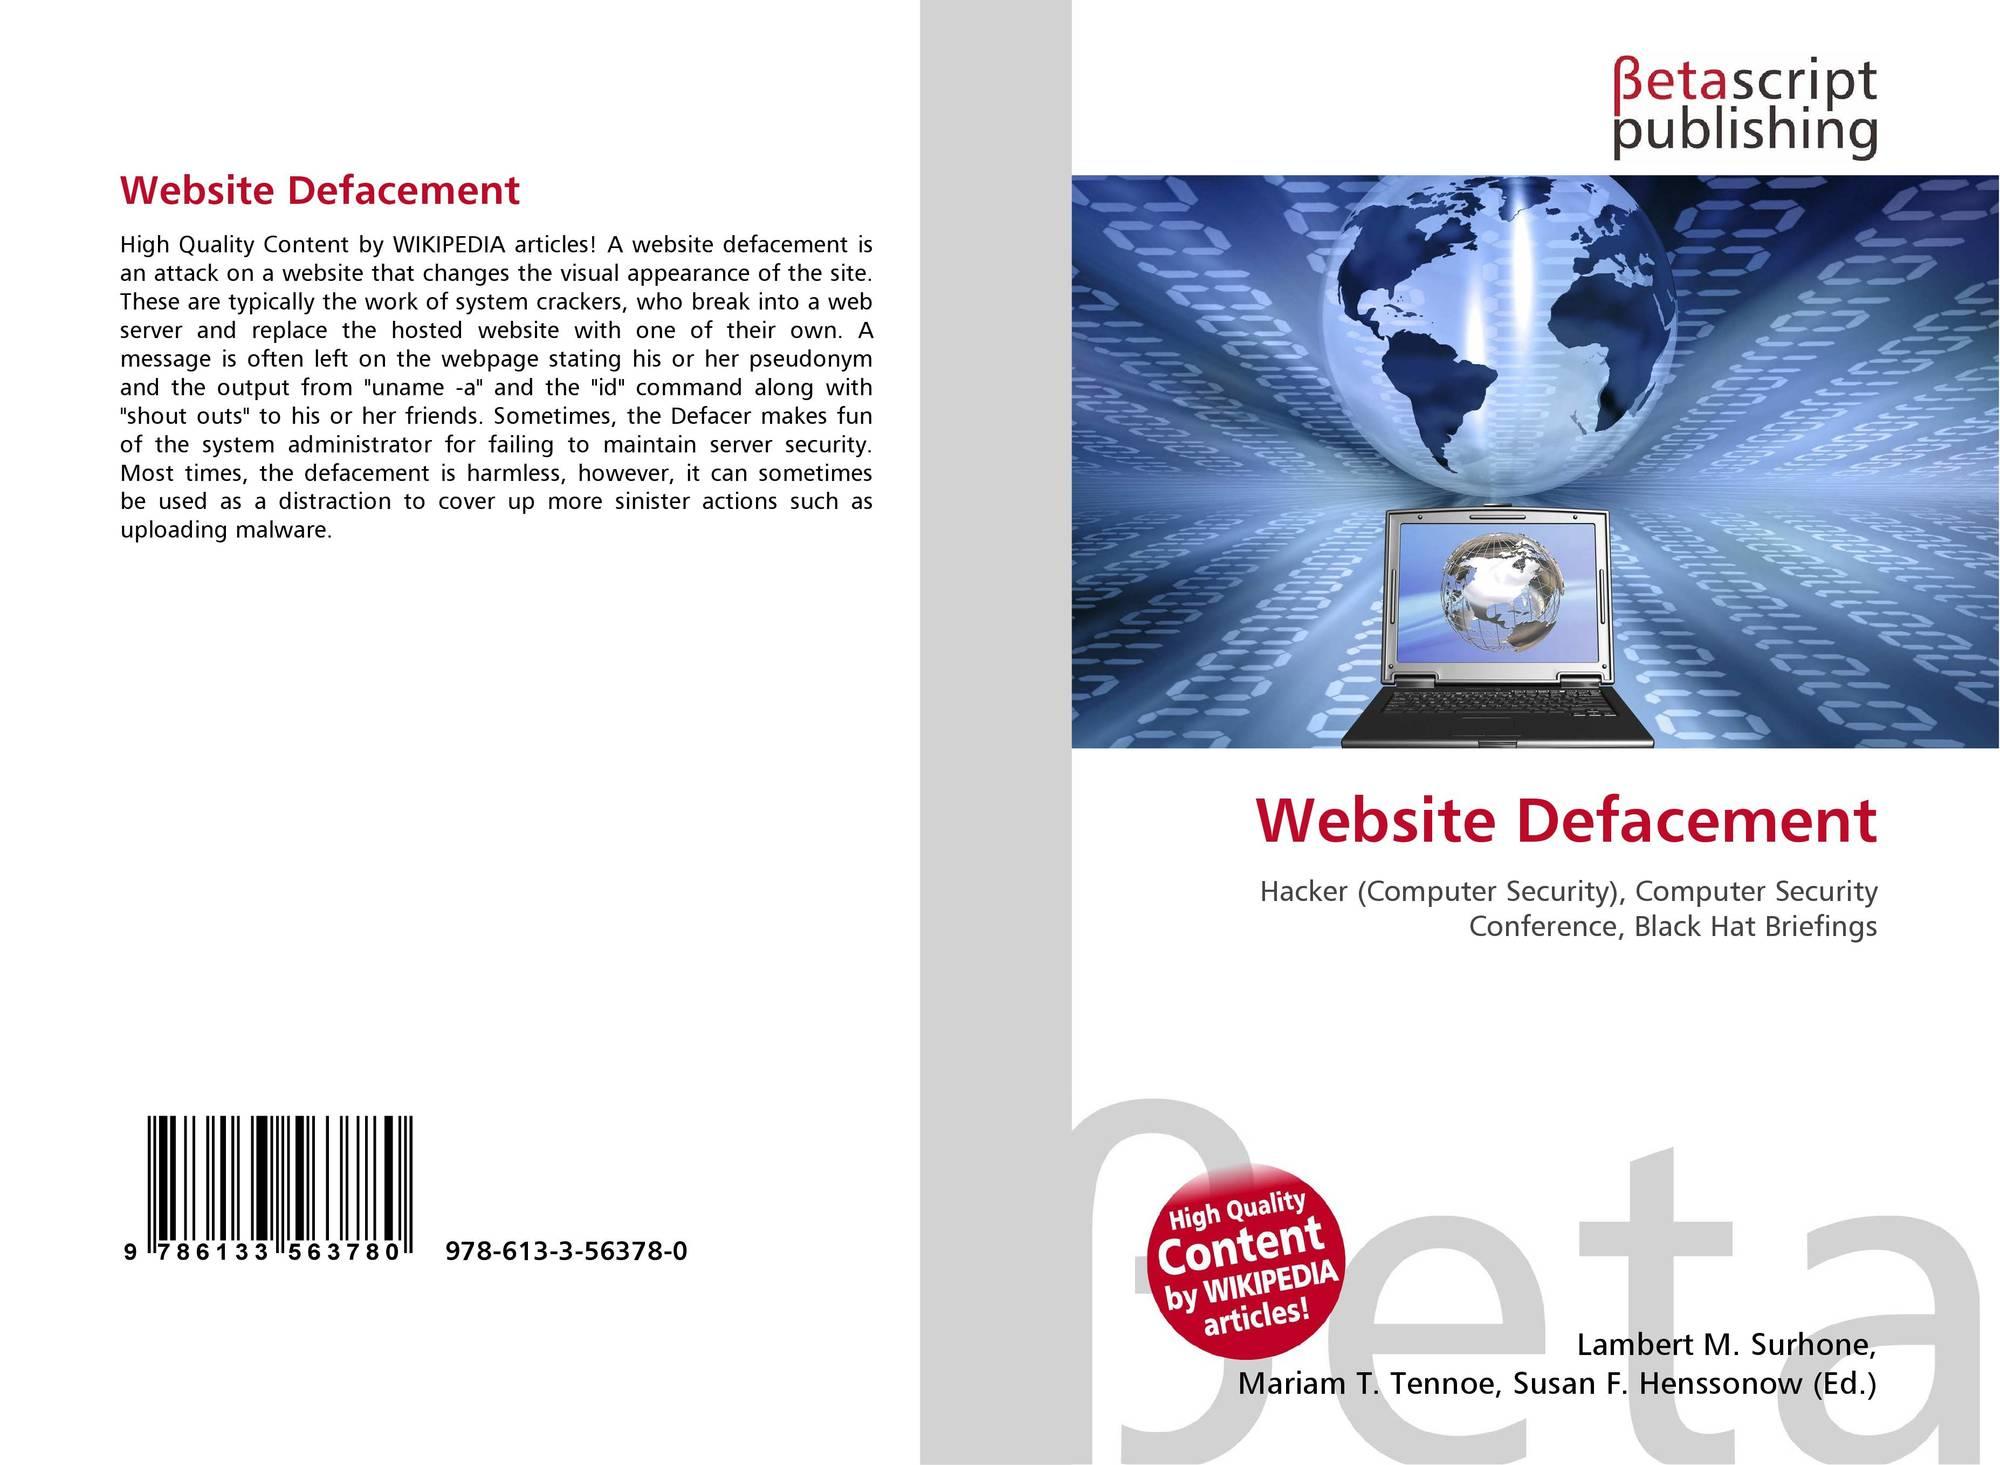 983996a8754 Website Defacement